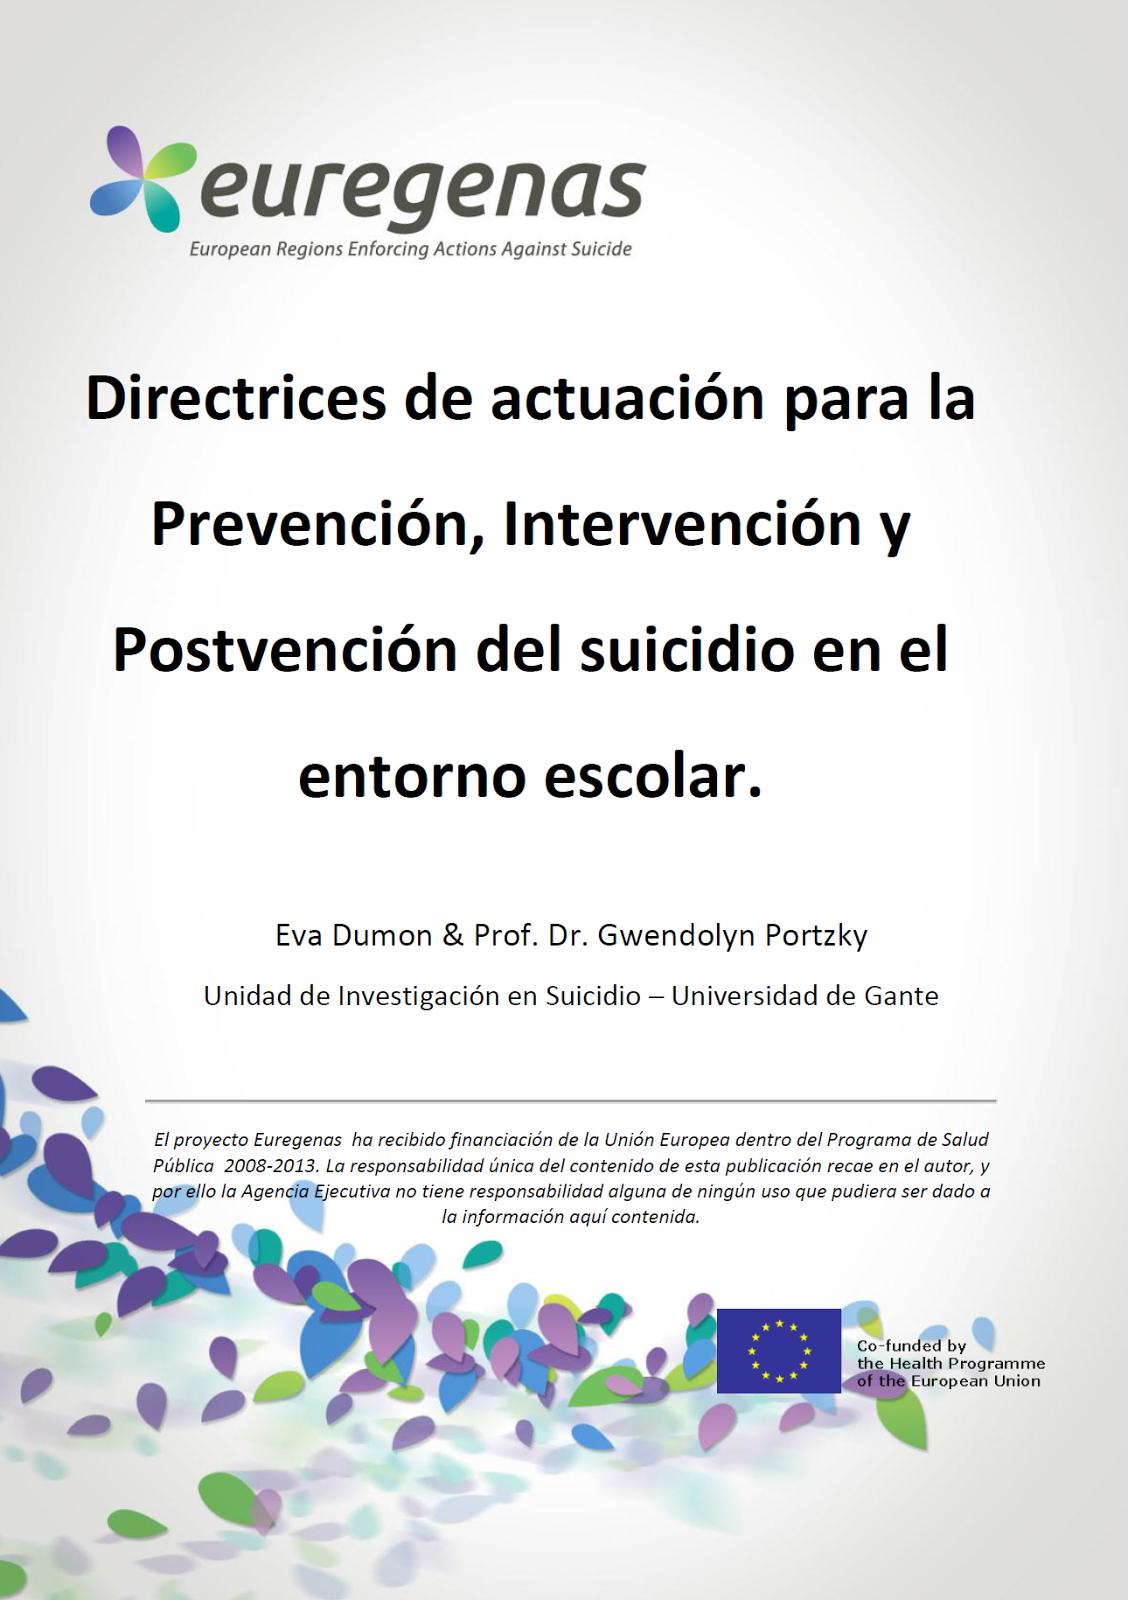 http://www.euregenas.eu/wp-content/uploads/2015/01/Guia-de-recursos-de-intervencion-en-la-prevencion-de-suicidio-en-entornos-escolares.pdf